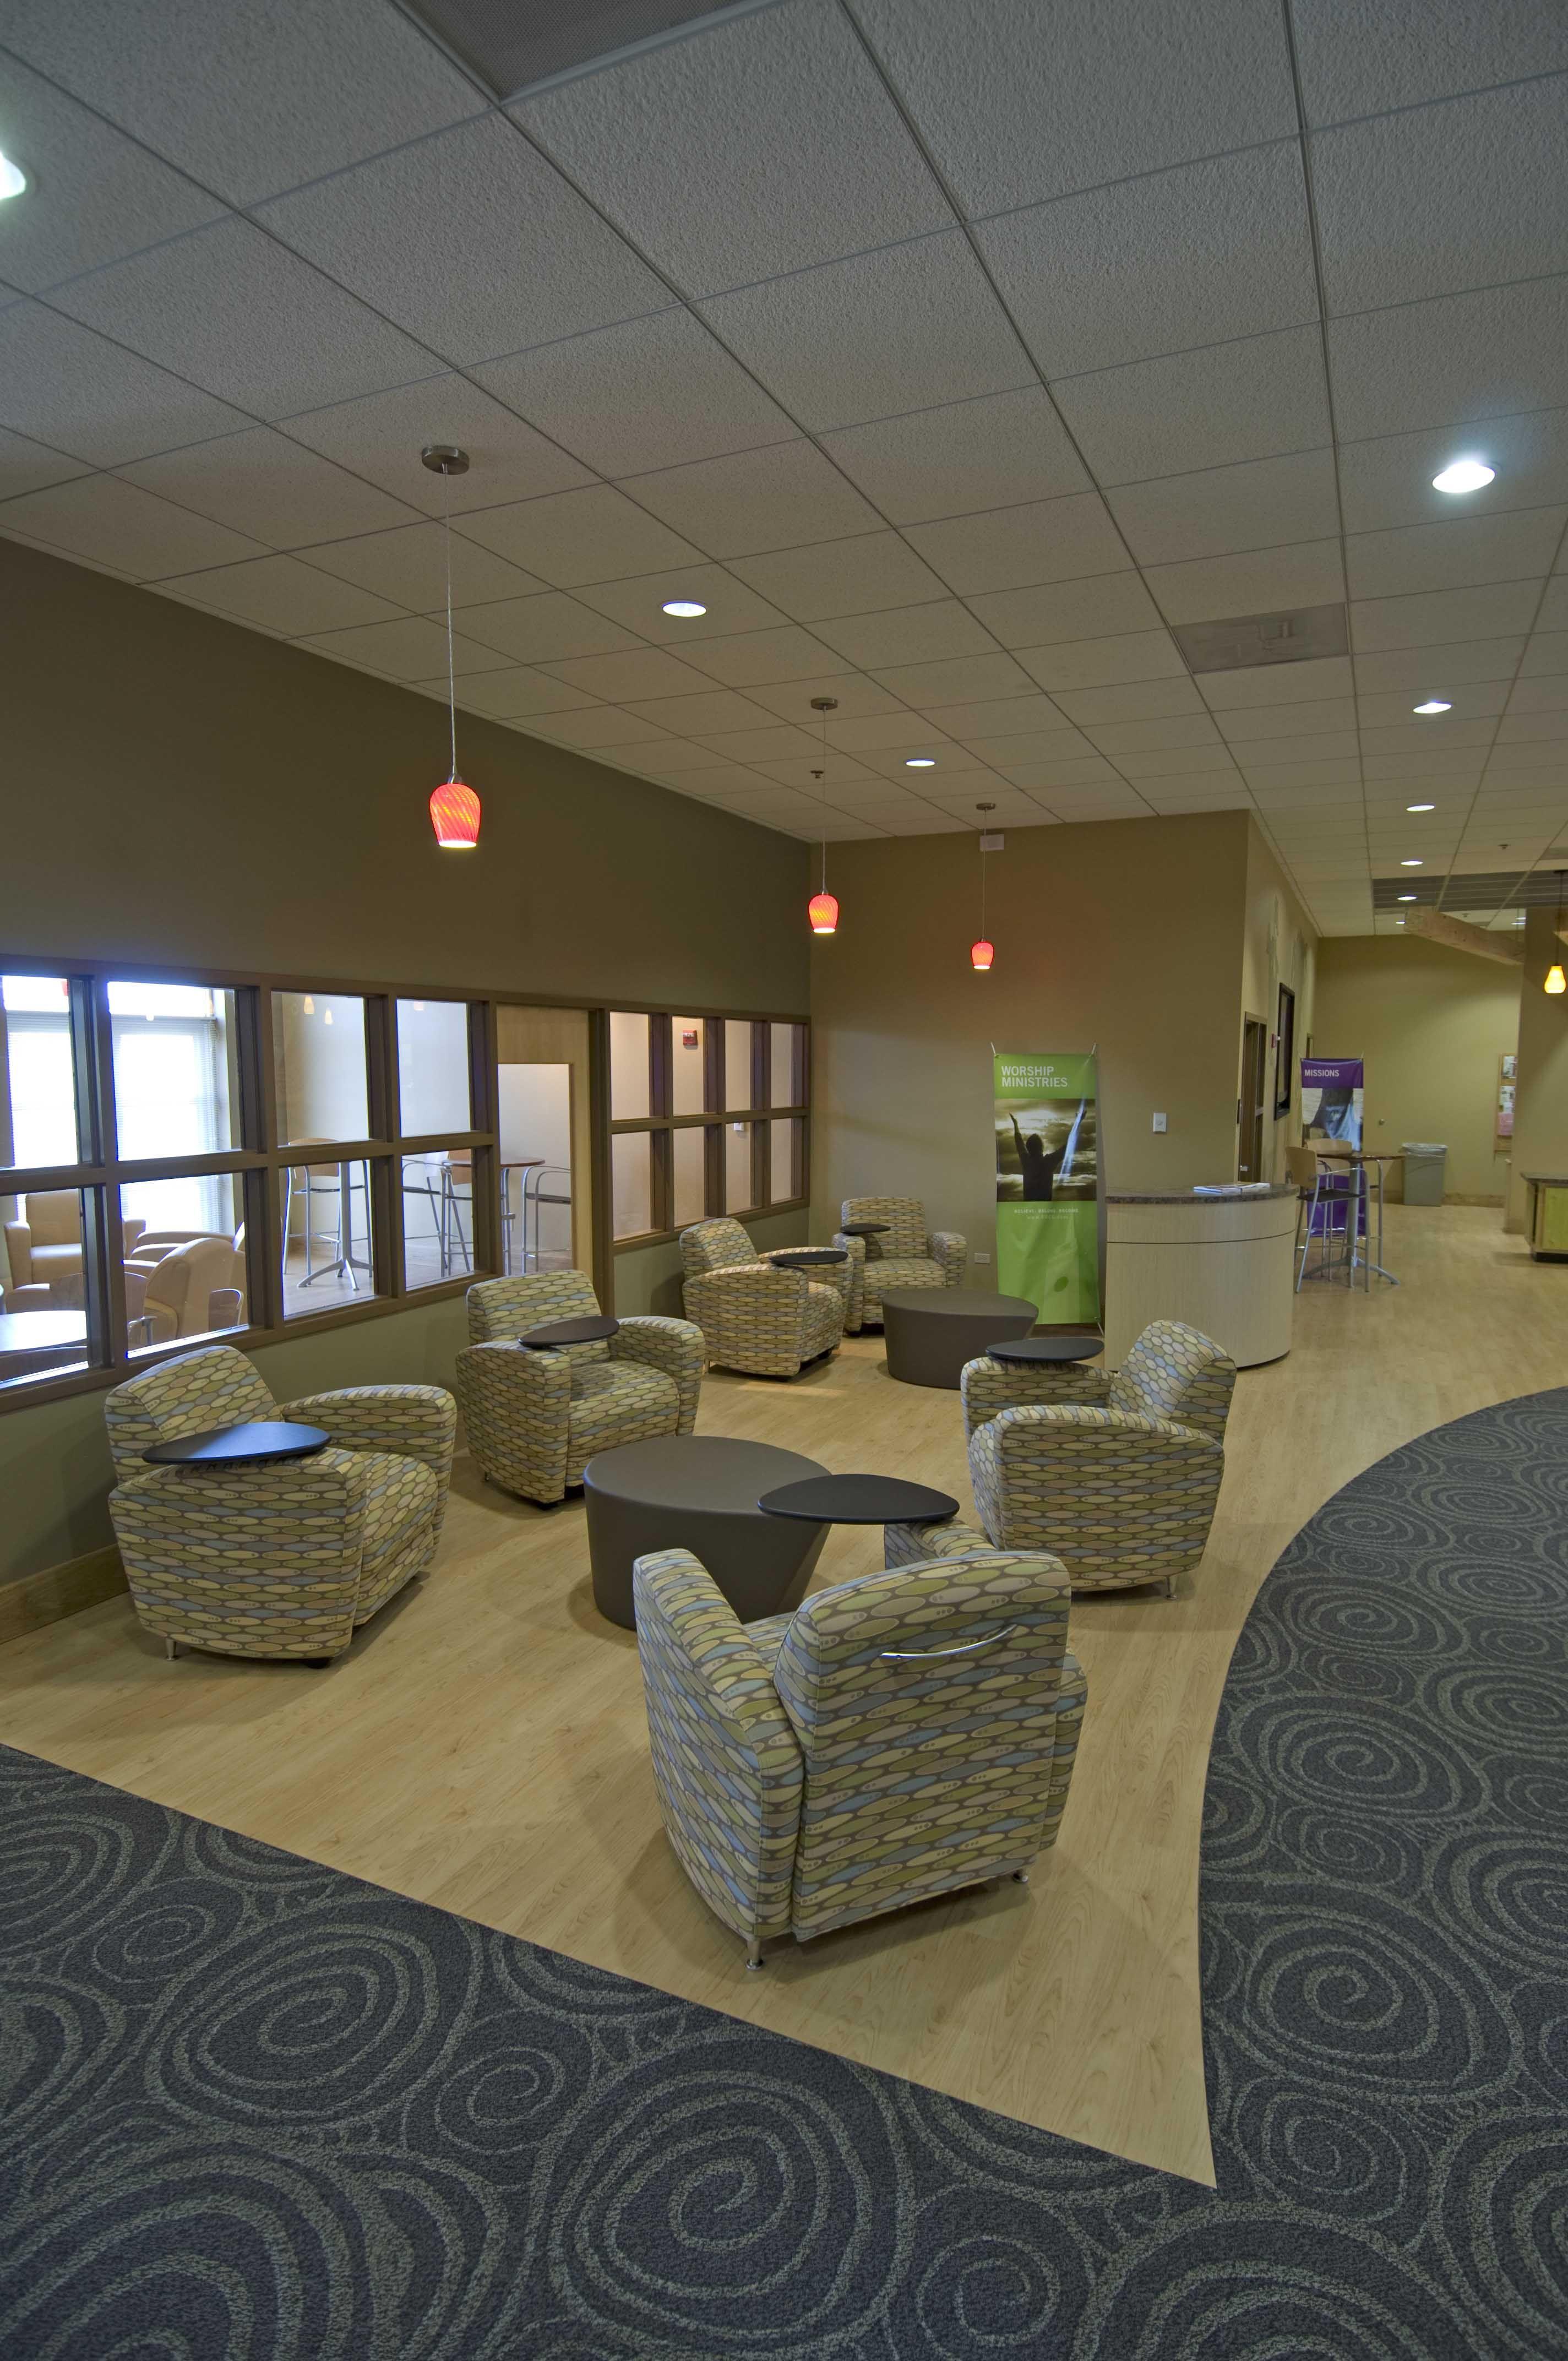 church foyer furniture. Church Foyer Furniture. 9 Awesome Furniture Image Ideas | Office 2 Pinterest U